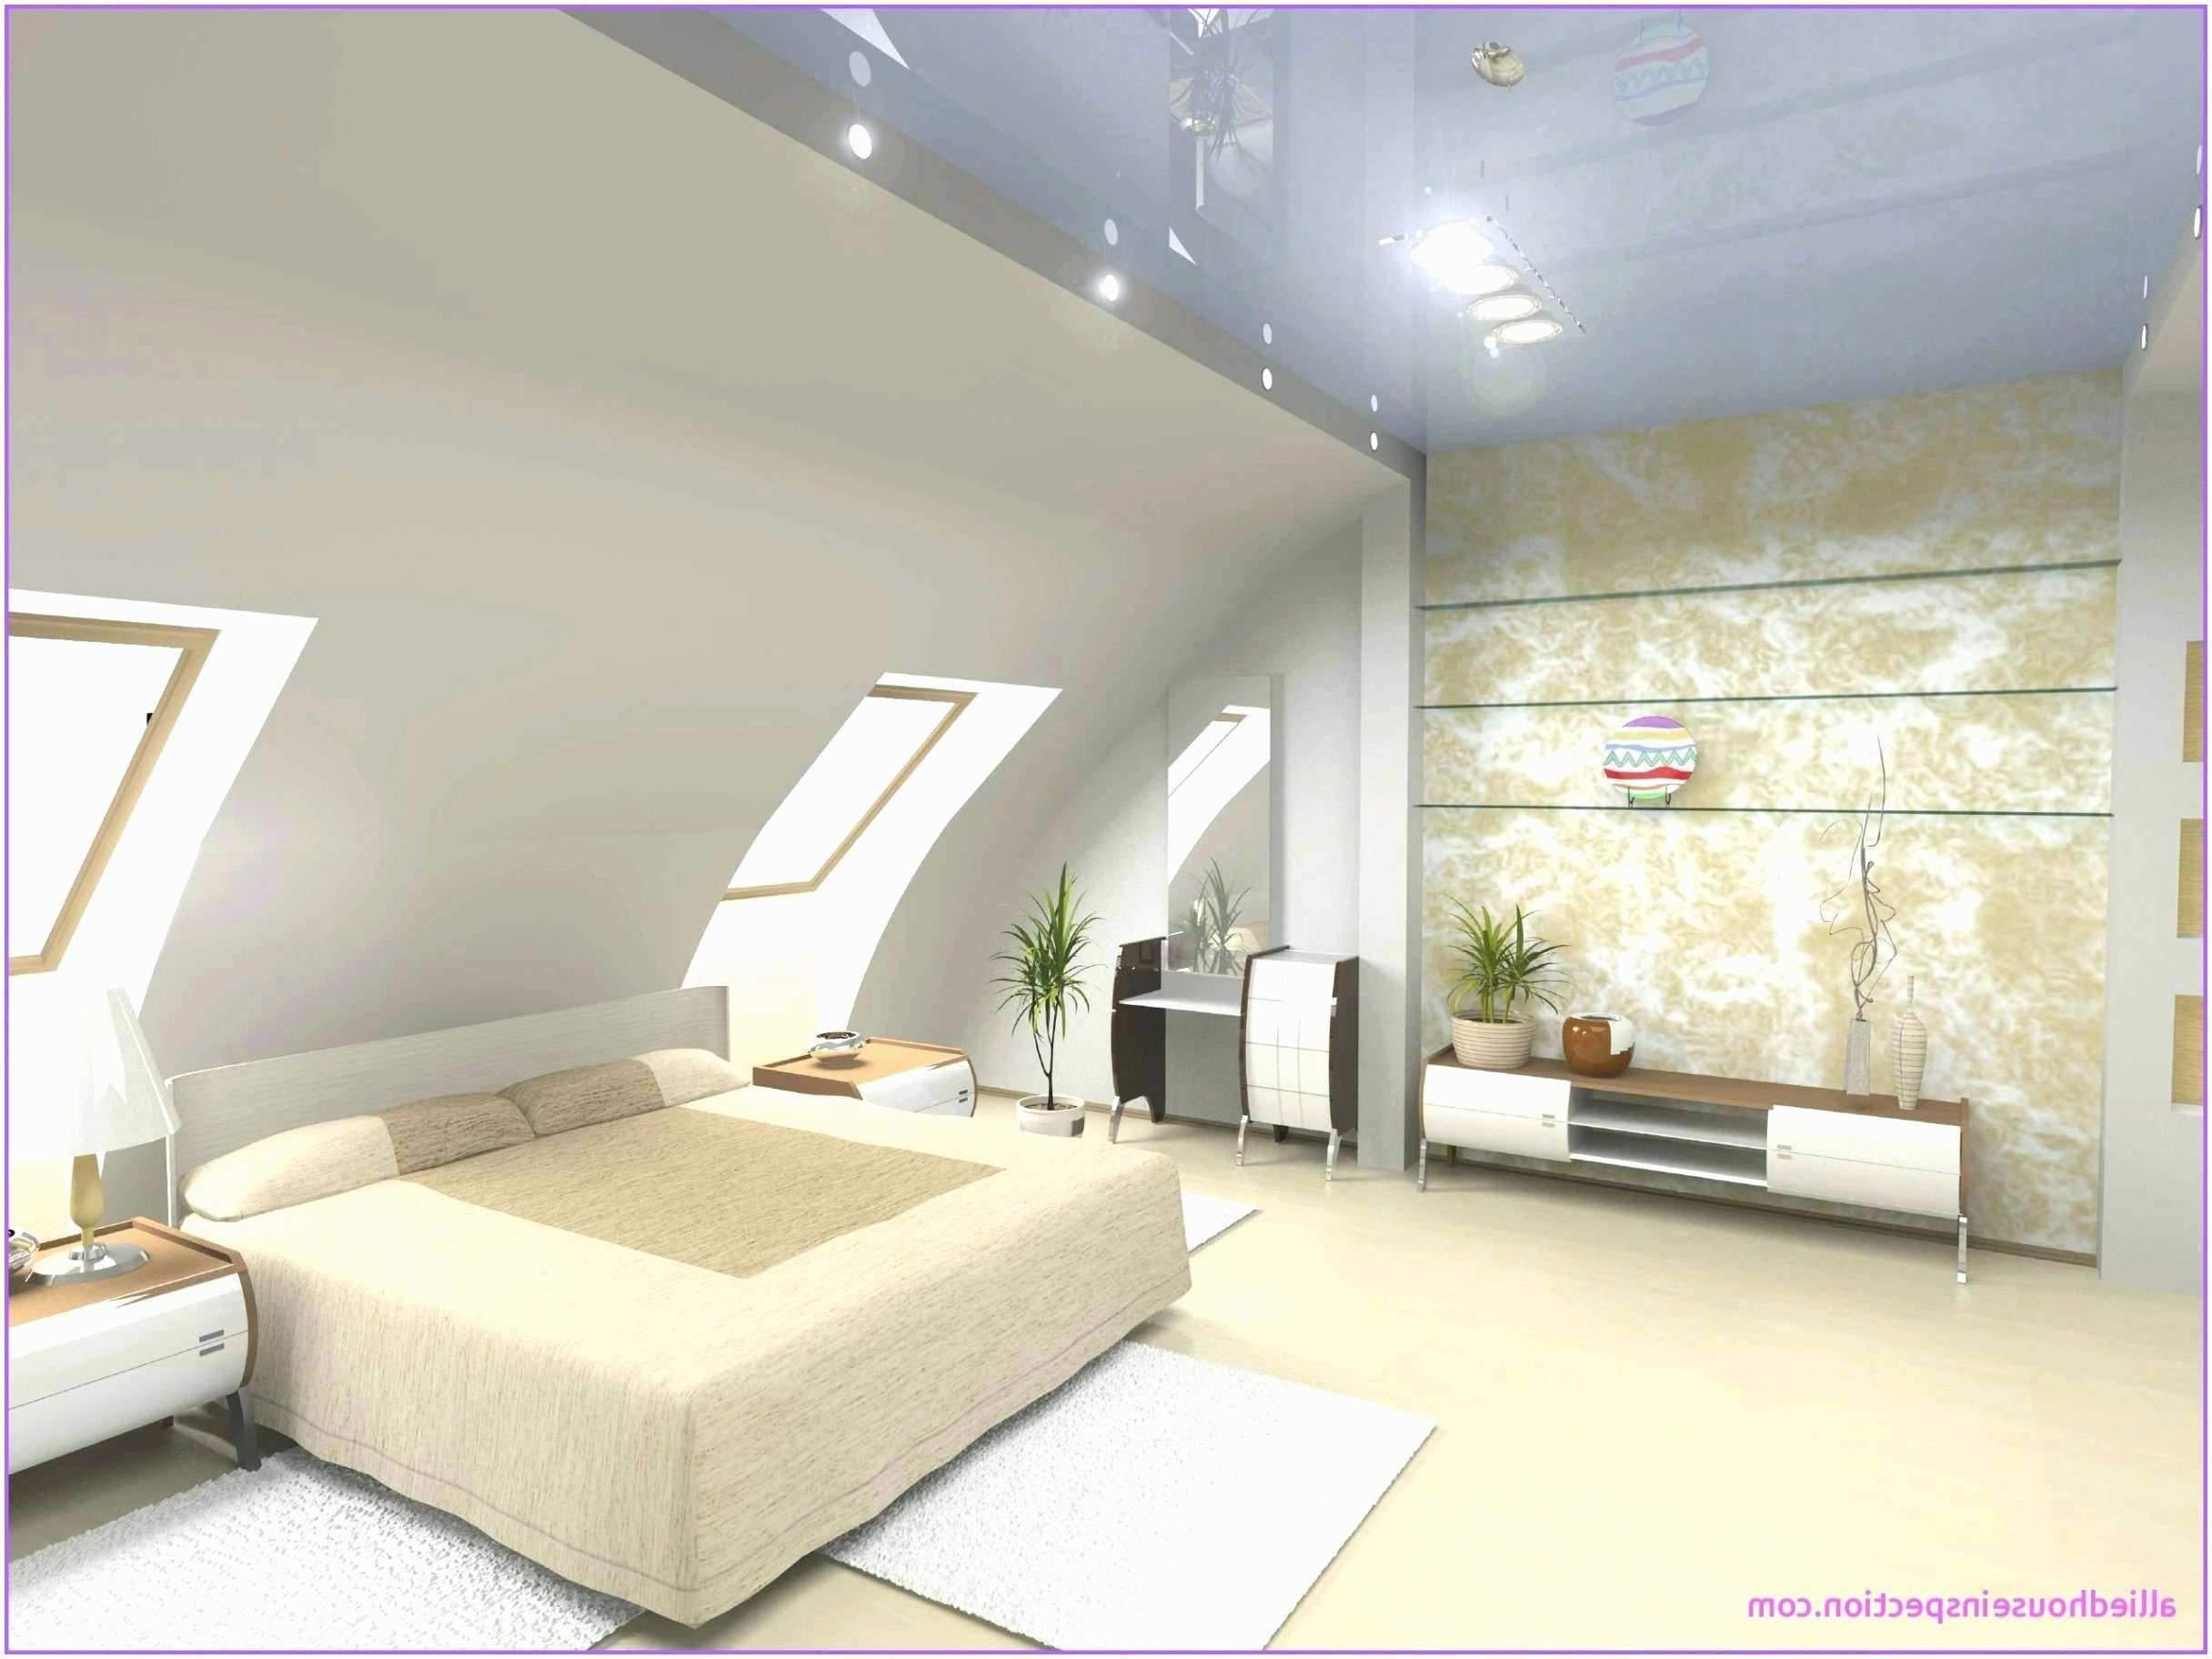 Full Size of Led Deckenleuchten Wohnzimmer Schn 45 Einzigartig Von Sofa Kunstleder Vinylboden Beleuchtung Deko Liege Weiß Deckenlampe Leder Sessel Schlafzimmer Moderne Wohnzimmer Deckenleuchten Wohnzimmer Led